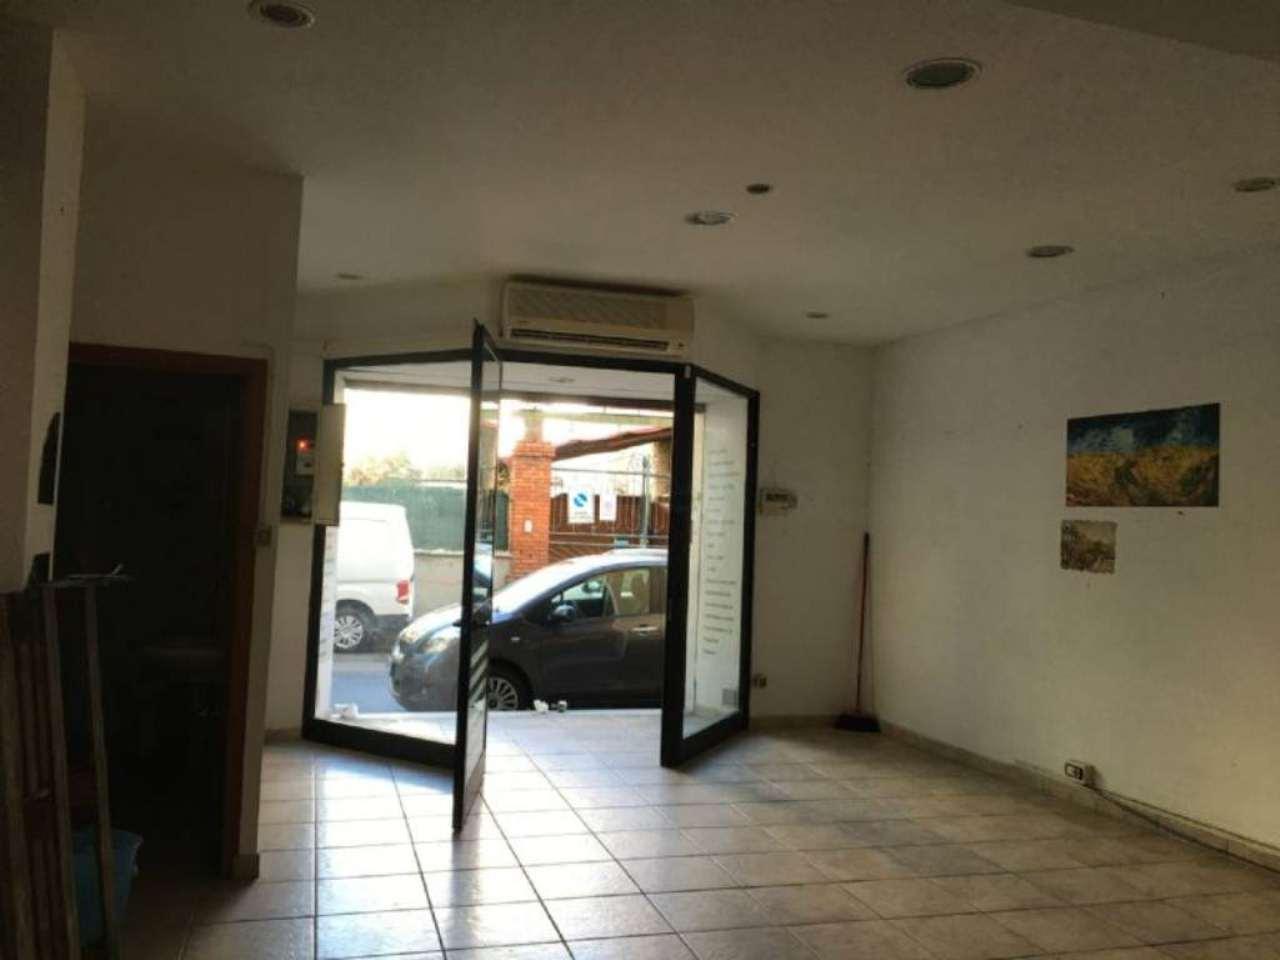 Negozio / Locale in vendita a Nettuno, 9999 locali, prezzo € 85.000 | Cambio Casa.it